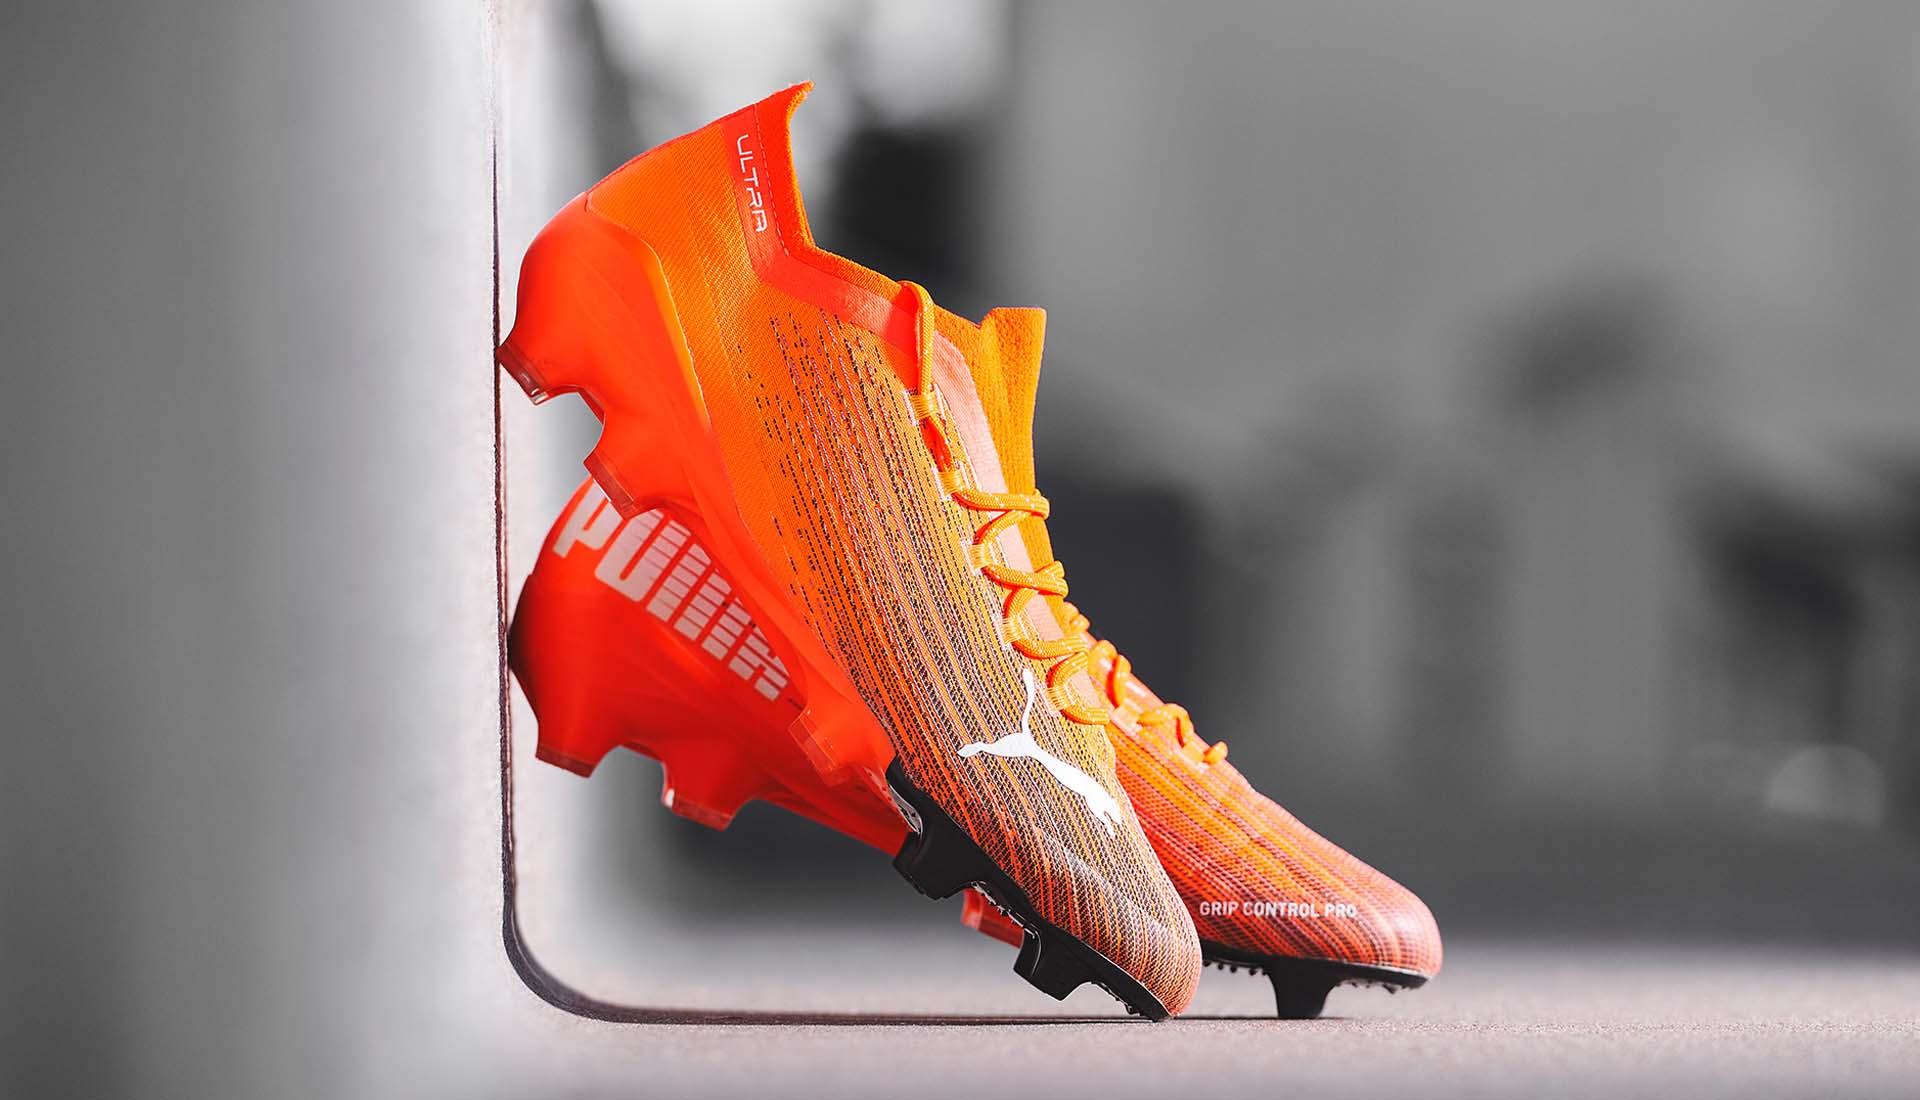 Puma cũng đang dần thay đổi chất liệu da vải sợi dệt cho các mẫu giày bóng đá của mình